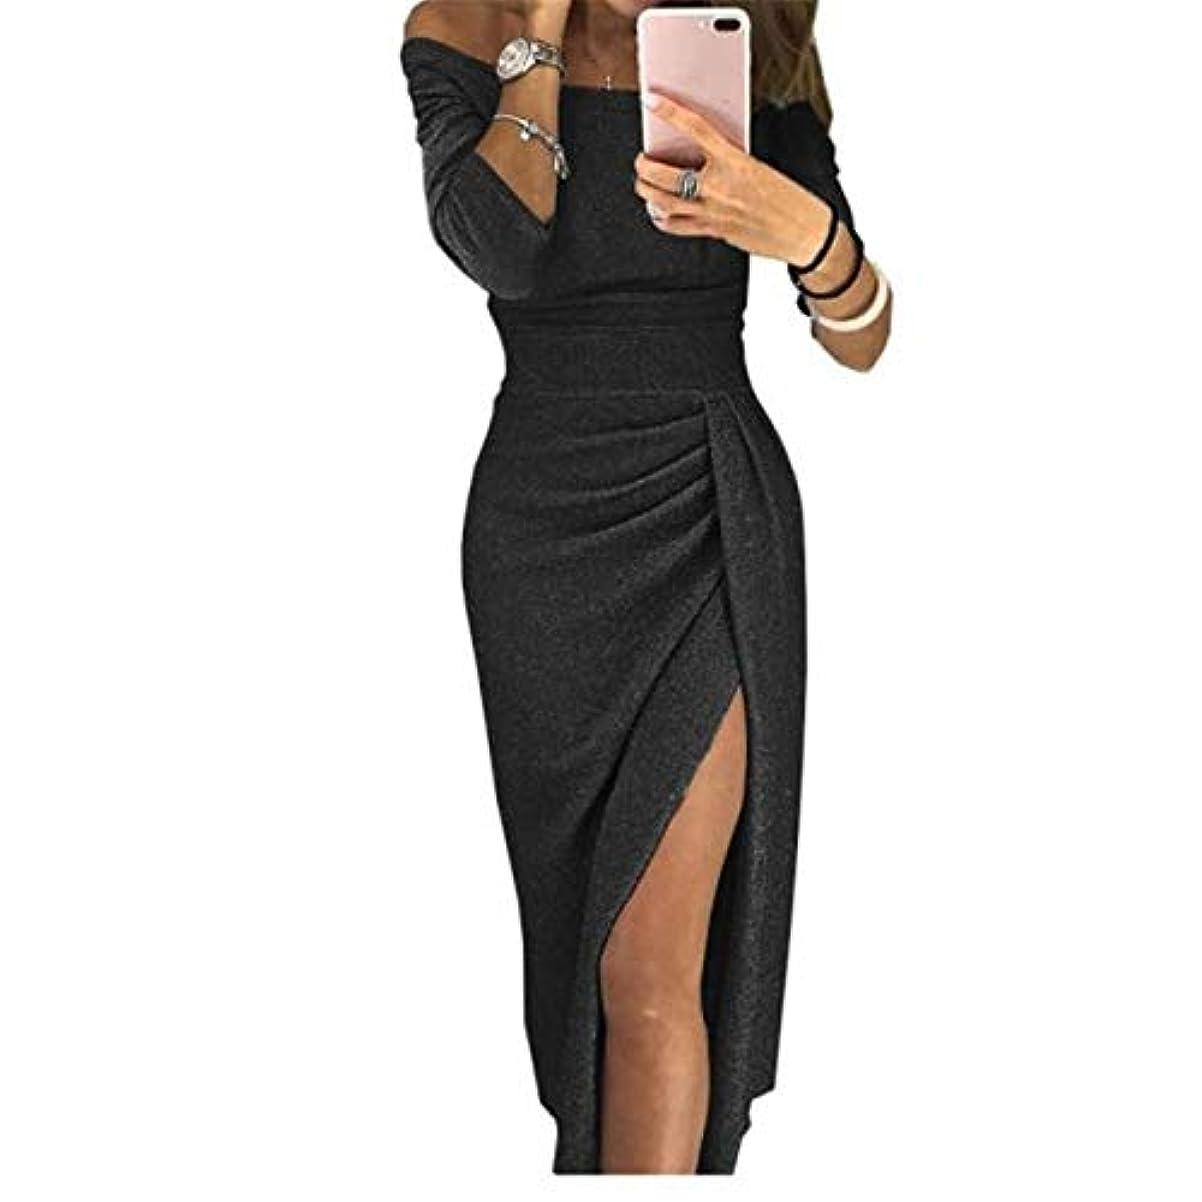 自治対称変装Onderroa - 夏の女性のドレスはネックパッケージヒップスプリットセクシーなスパンコールのドレスレディース包帯パーティーナイトクラブミッドカーフ服装スラッシュ